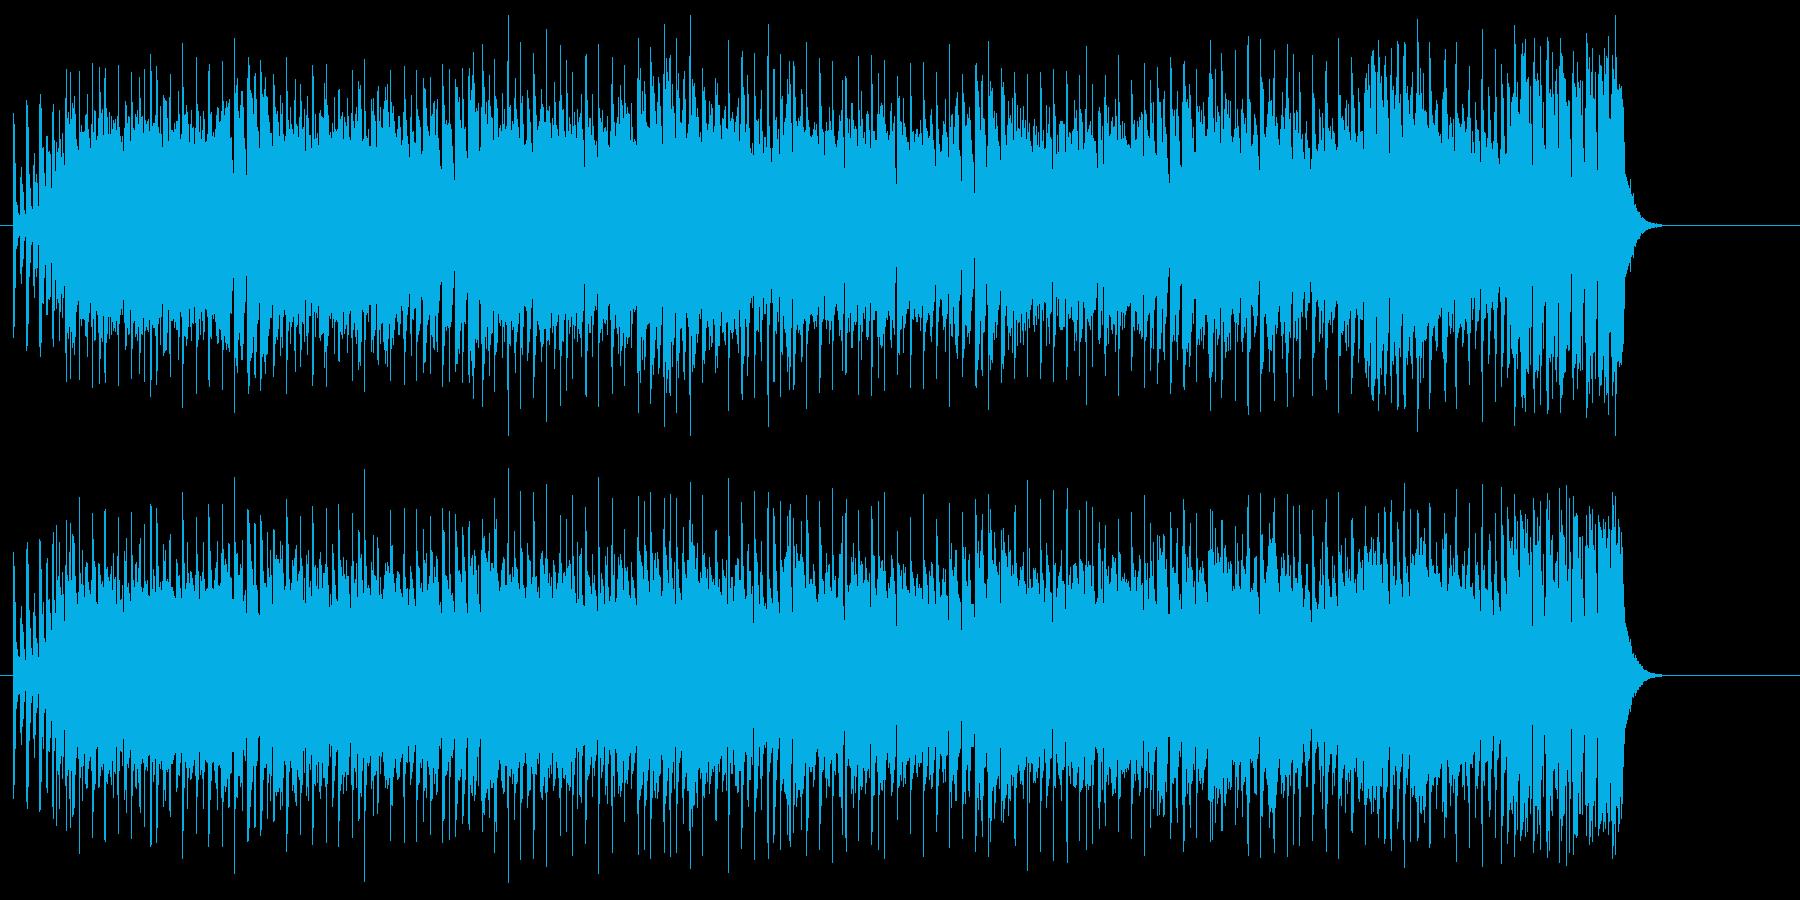 コミカルな弾むリズムのバラエティポップスの再生済みの波形